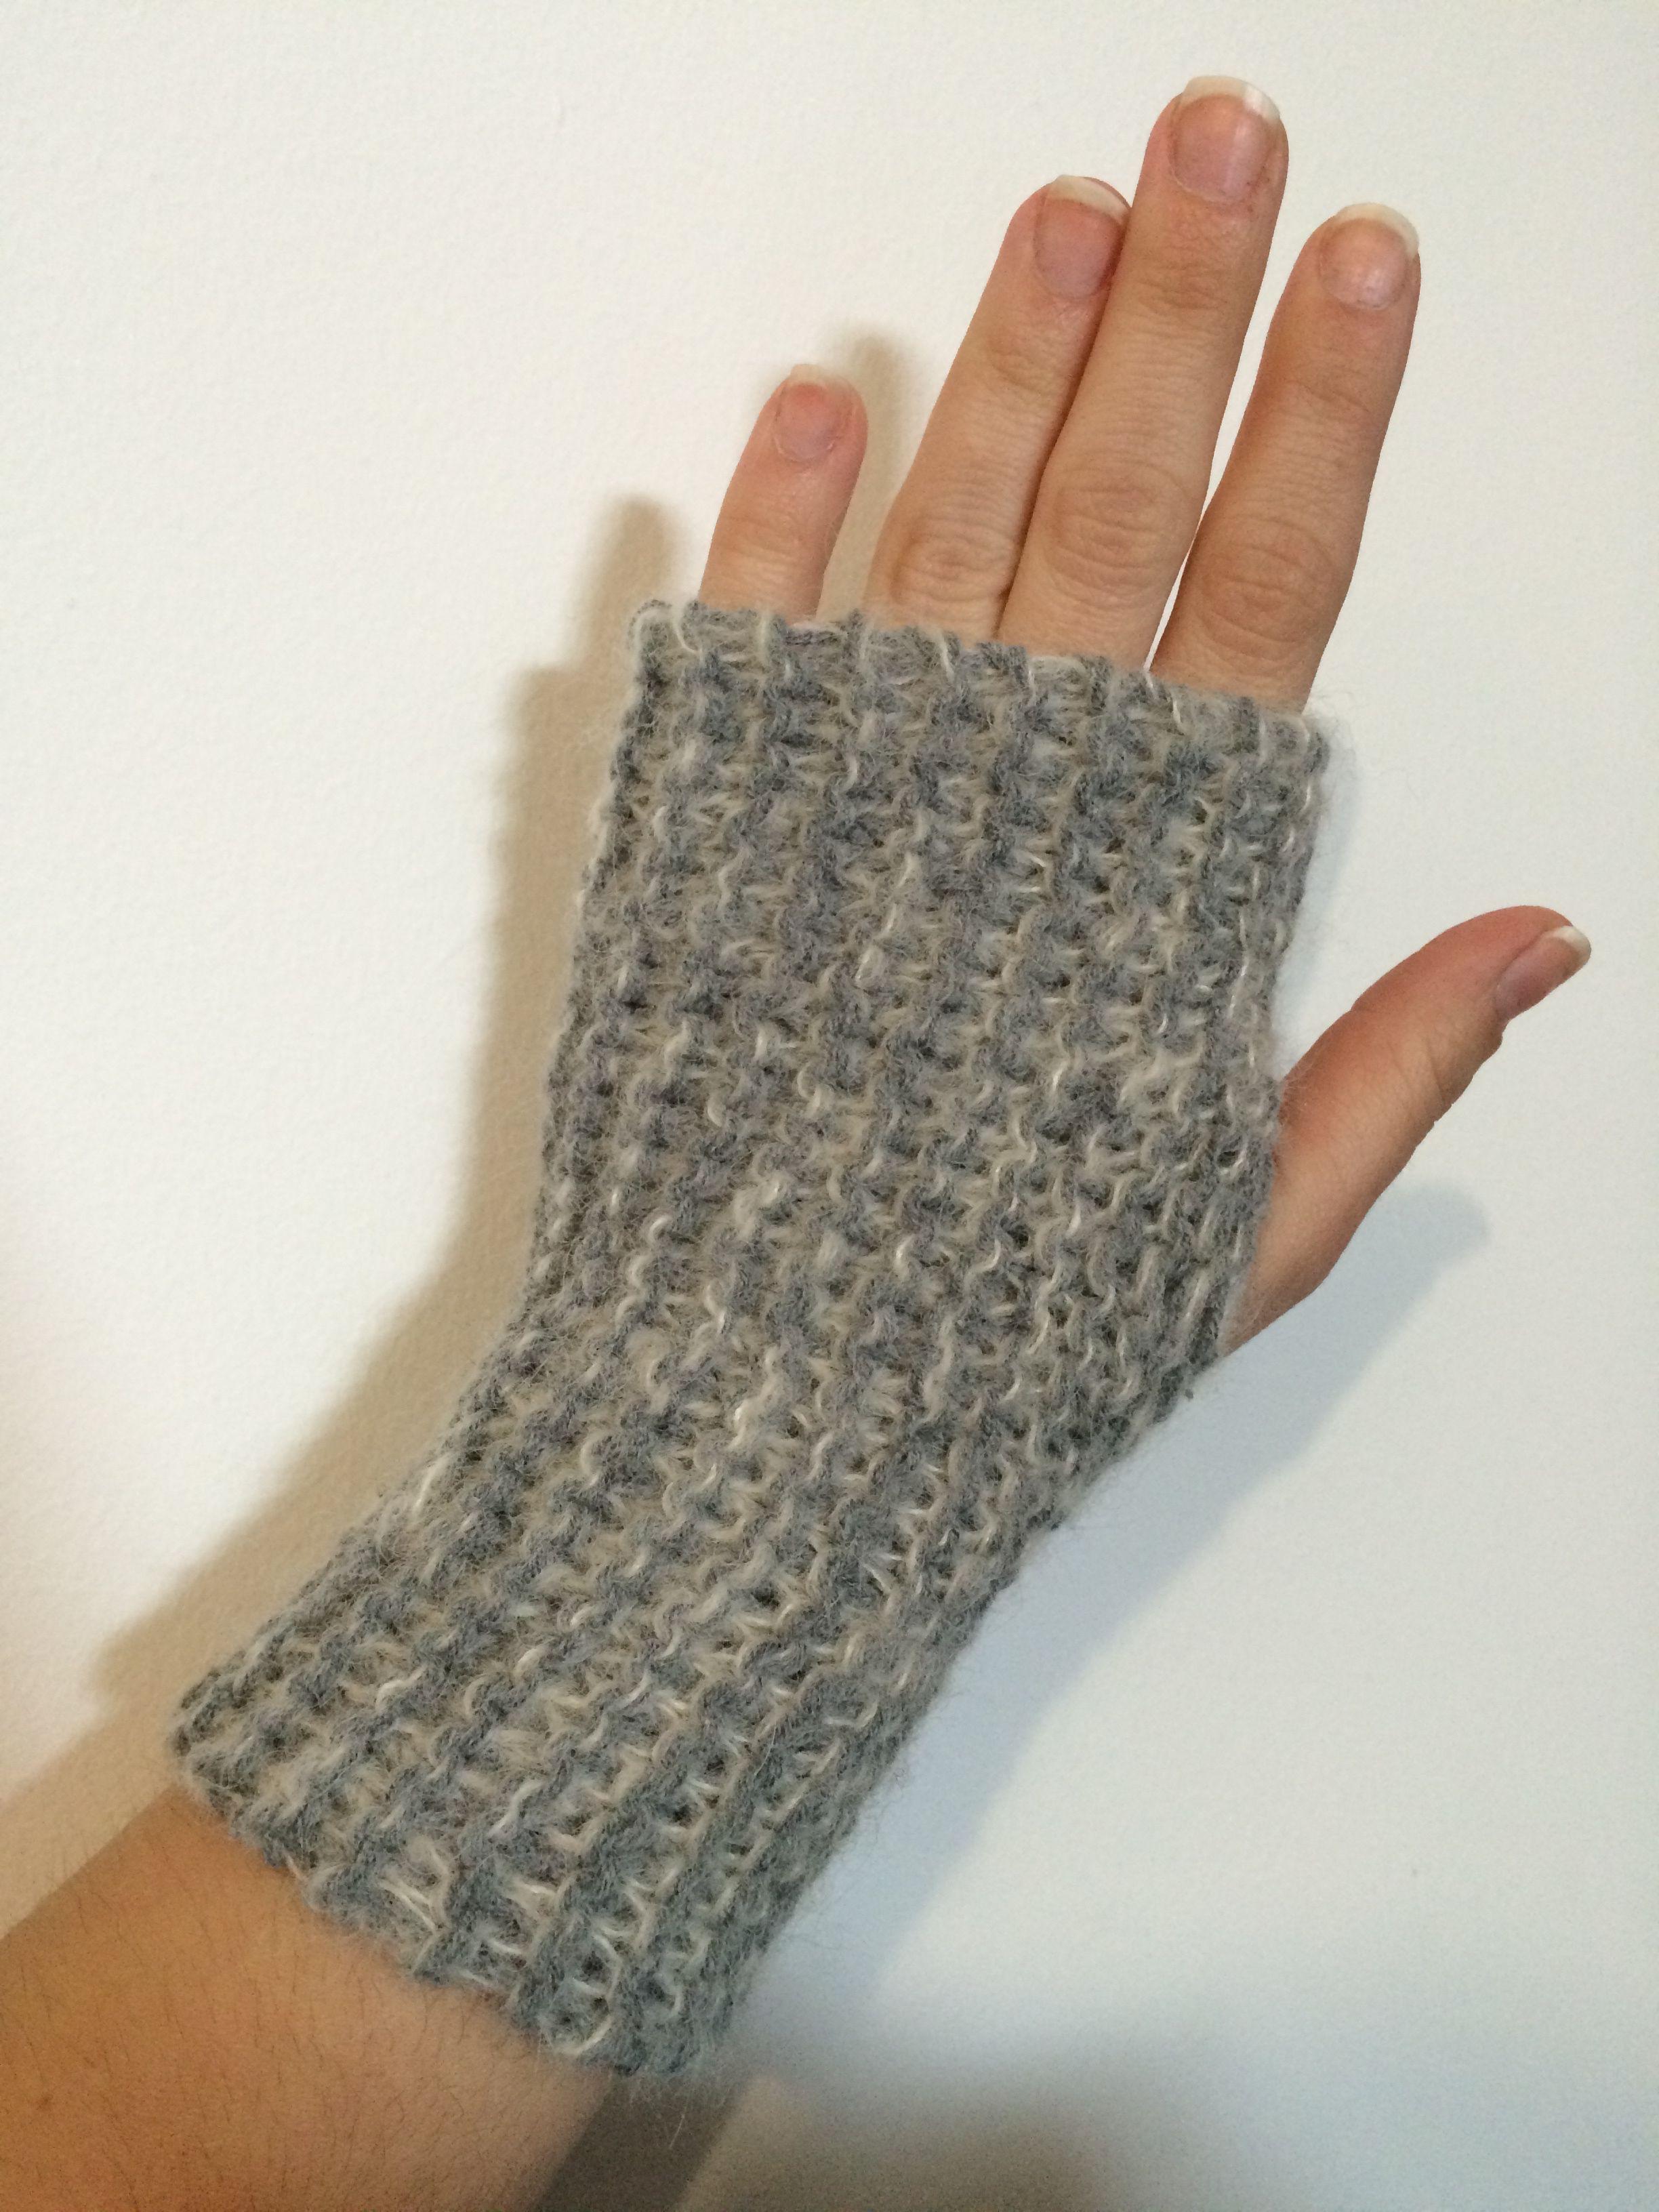 Diy tuto tricot bandeau et mitaines hyper simples sp cial d butantes tuto mitaines point - Tuto tricot debutant gratuit ...